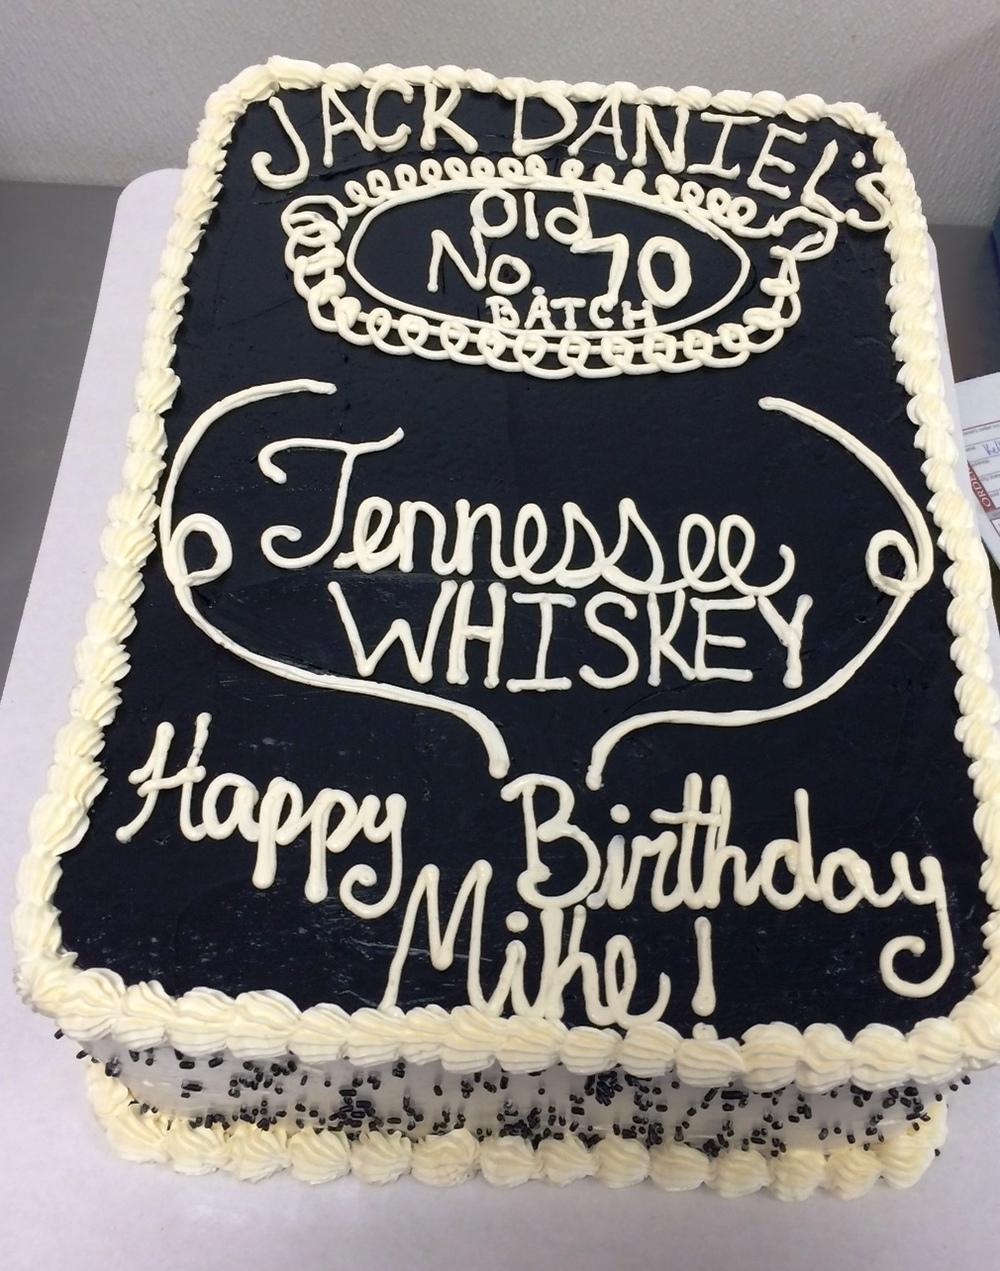 Jack Daniels Cake.JPG